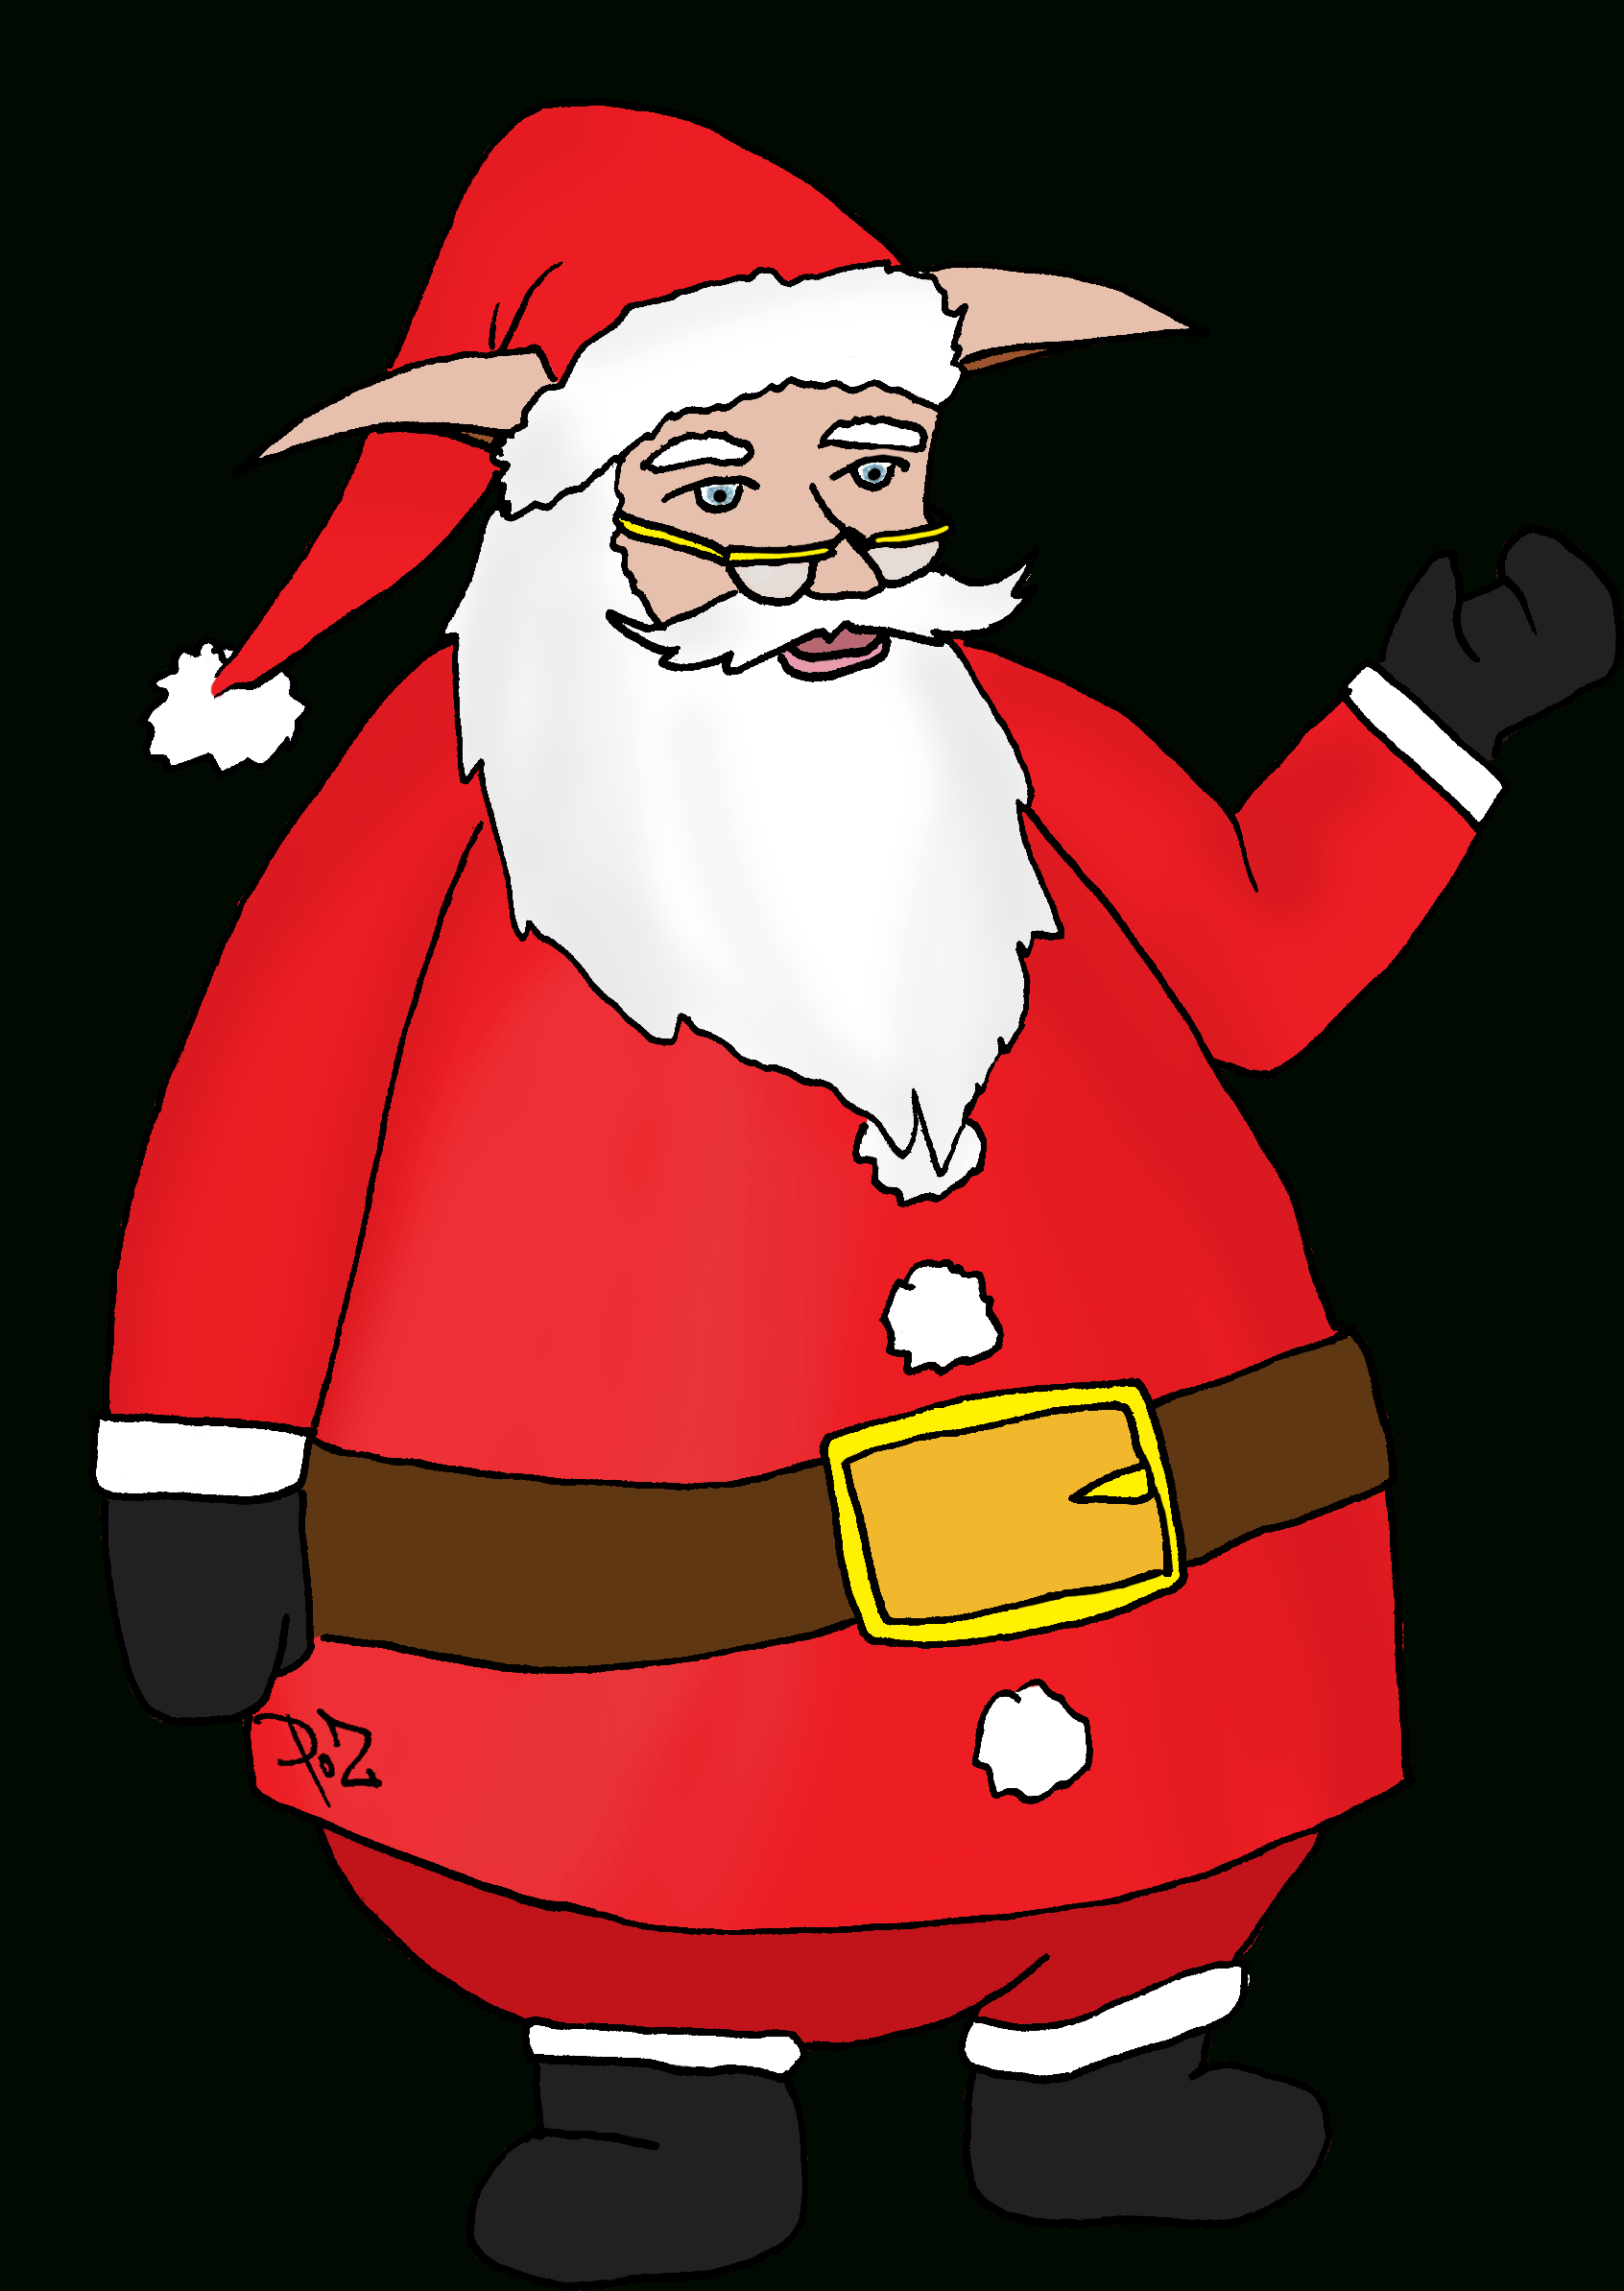 Coloriage Pere Noel A Imprimer Gratuit - Santa Claus Clipart intérieur Dessin A Imprimer Pere Noel Gratuit